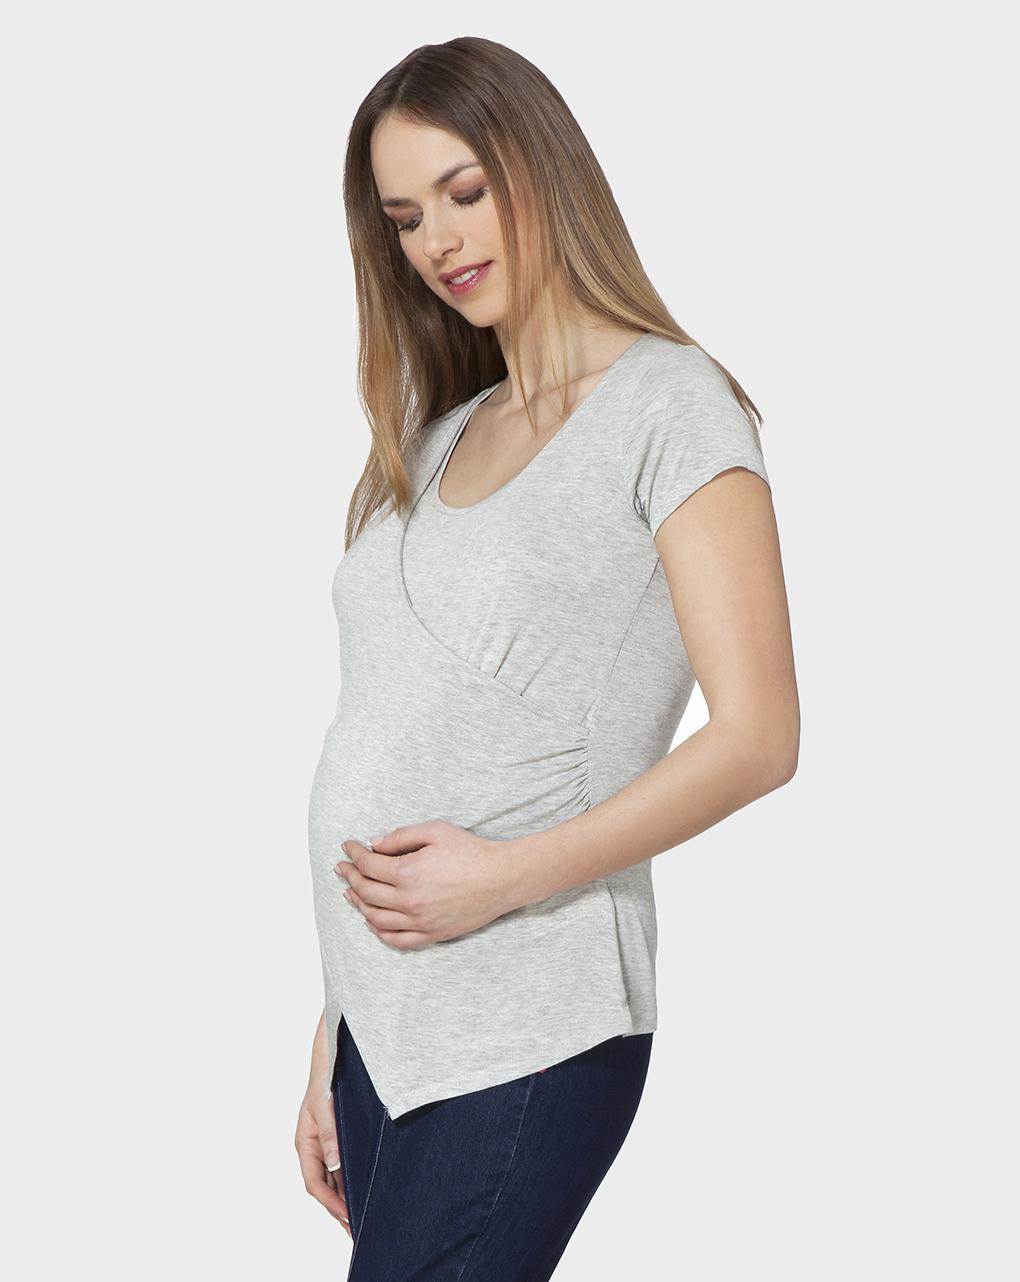 Γυναικείο T-shirt Θηλασμού Γκρι